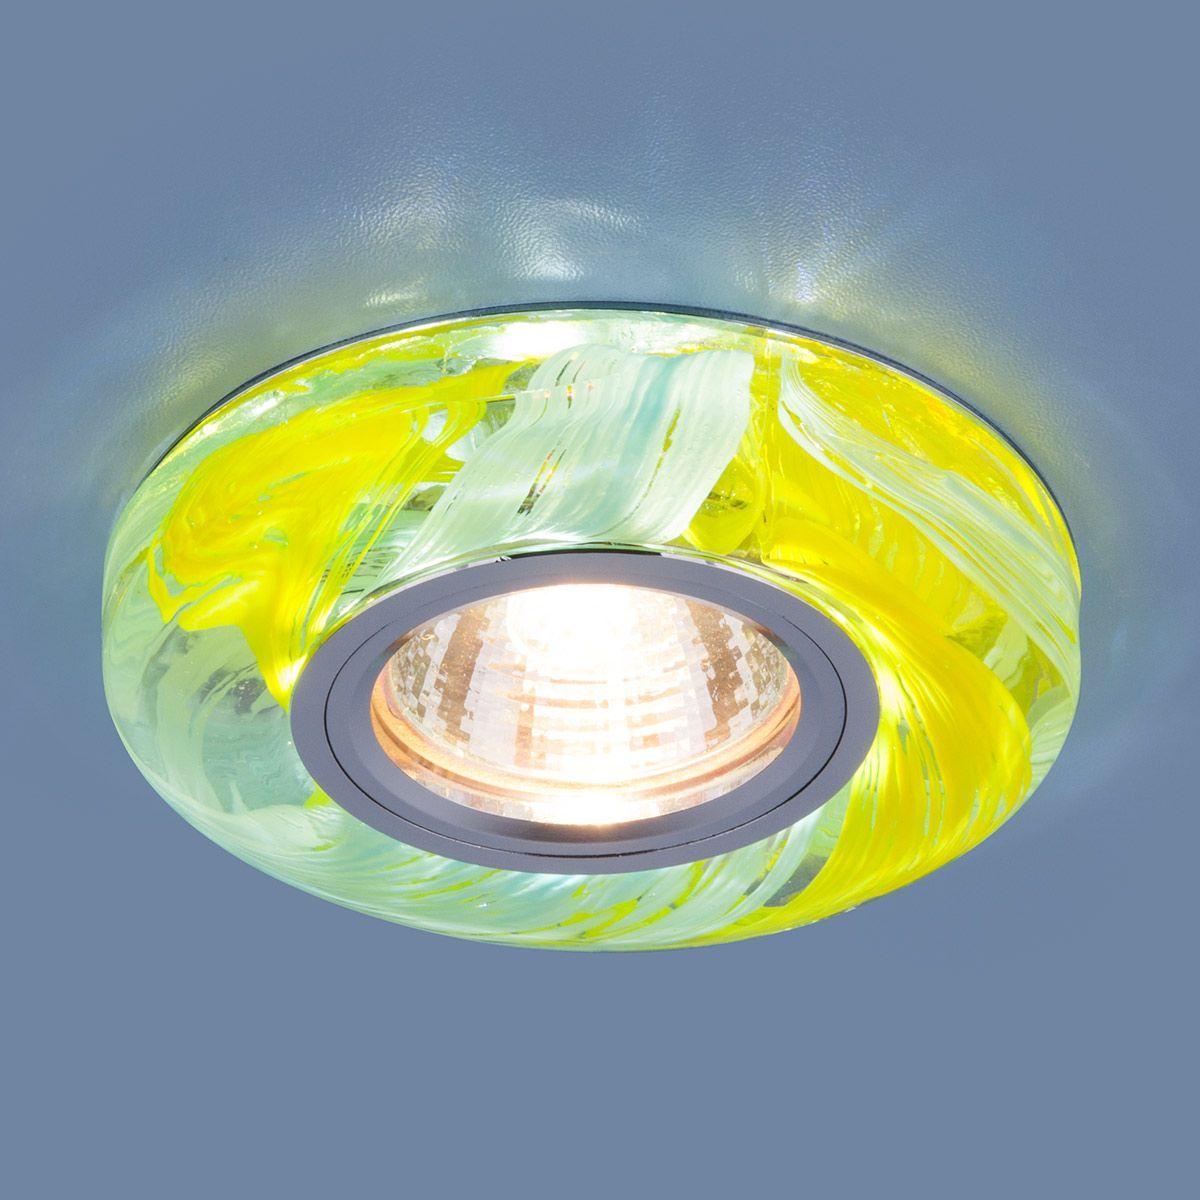 Точечный светильник с LED подсветкой 2191 MR16 YL/BL желтый/голубой